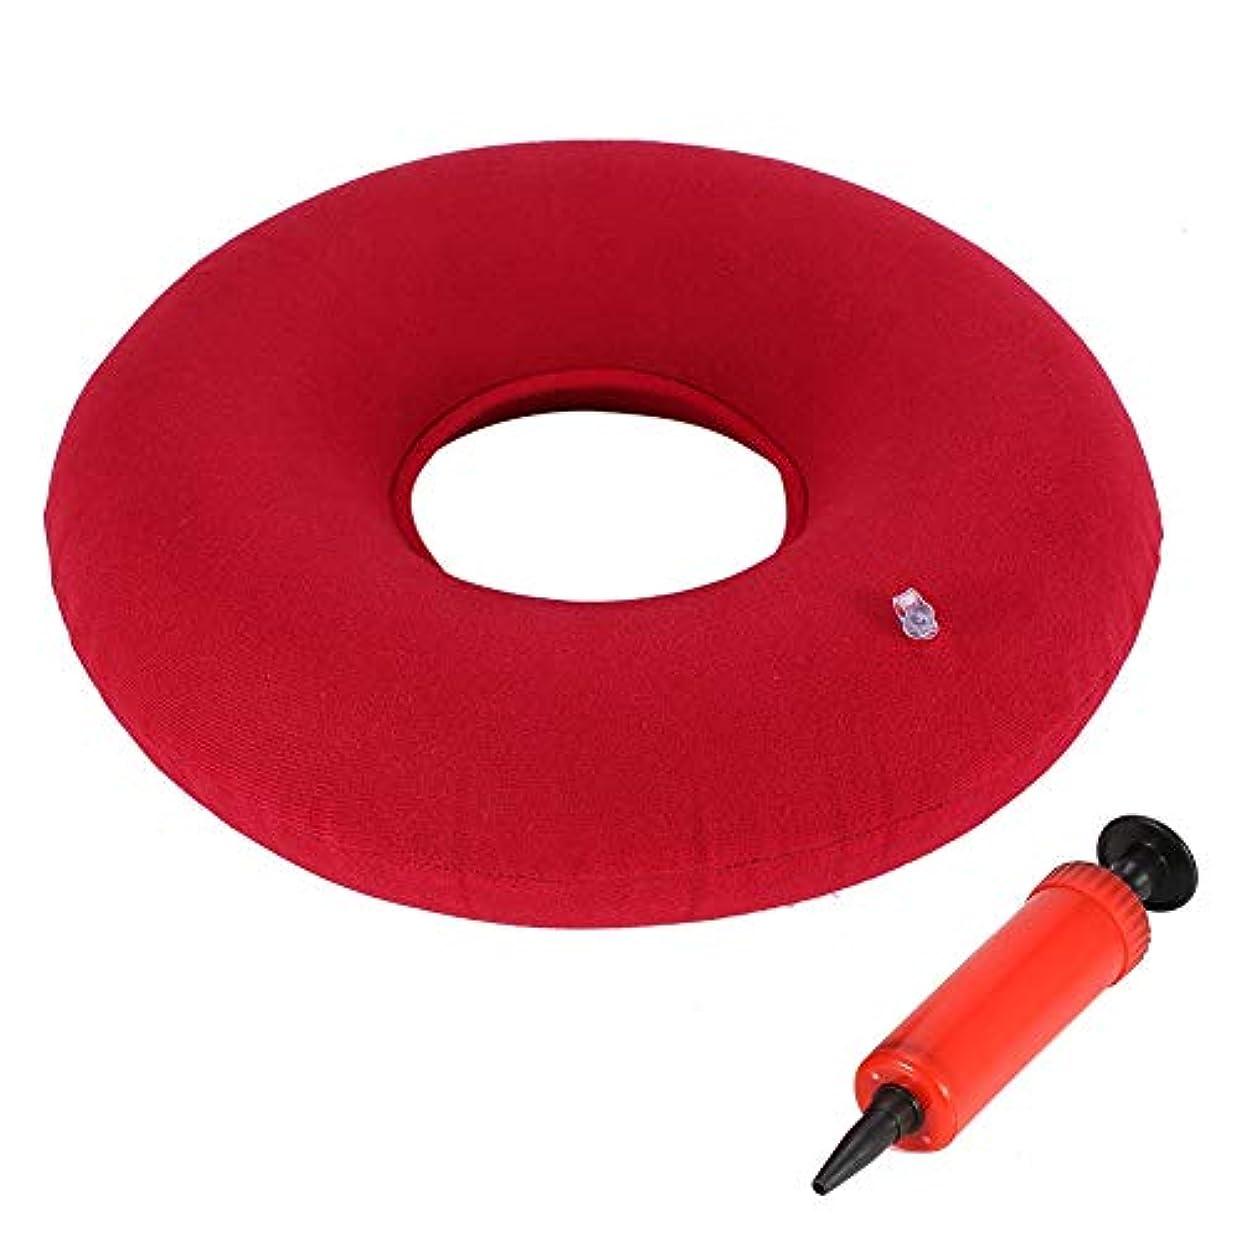 シートクッション、3色新しいインフレータブルラウンドチェアパッドヒップサポート痔シートクッション付きポンプ(赤)